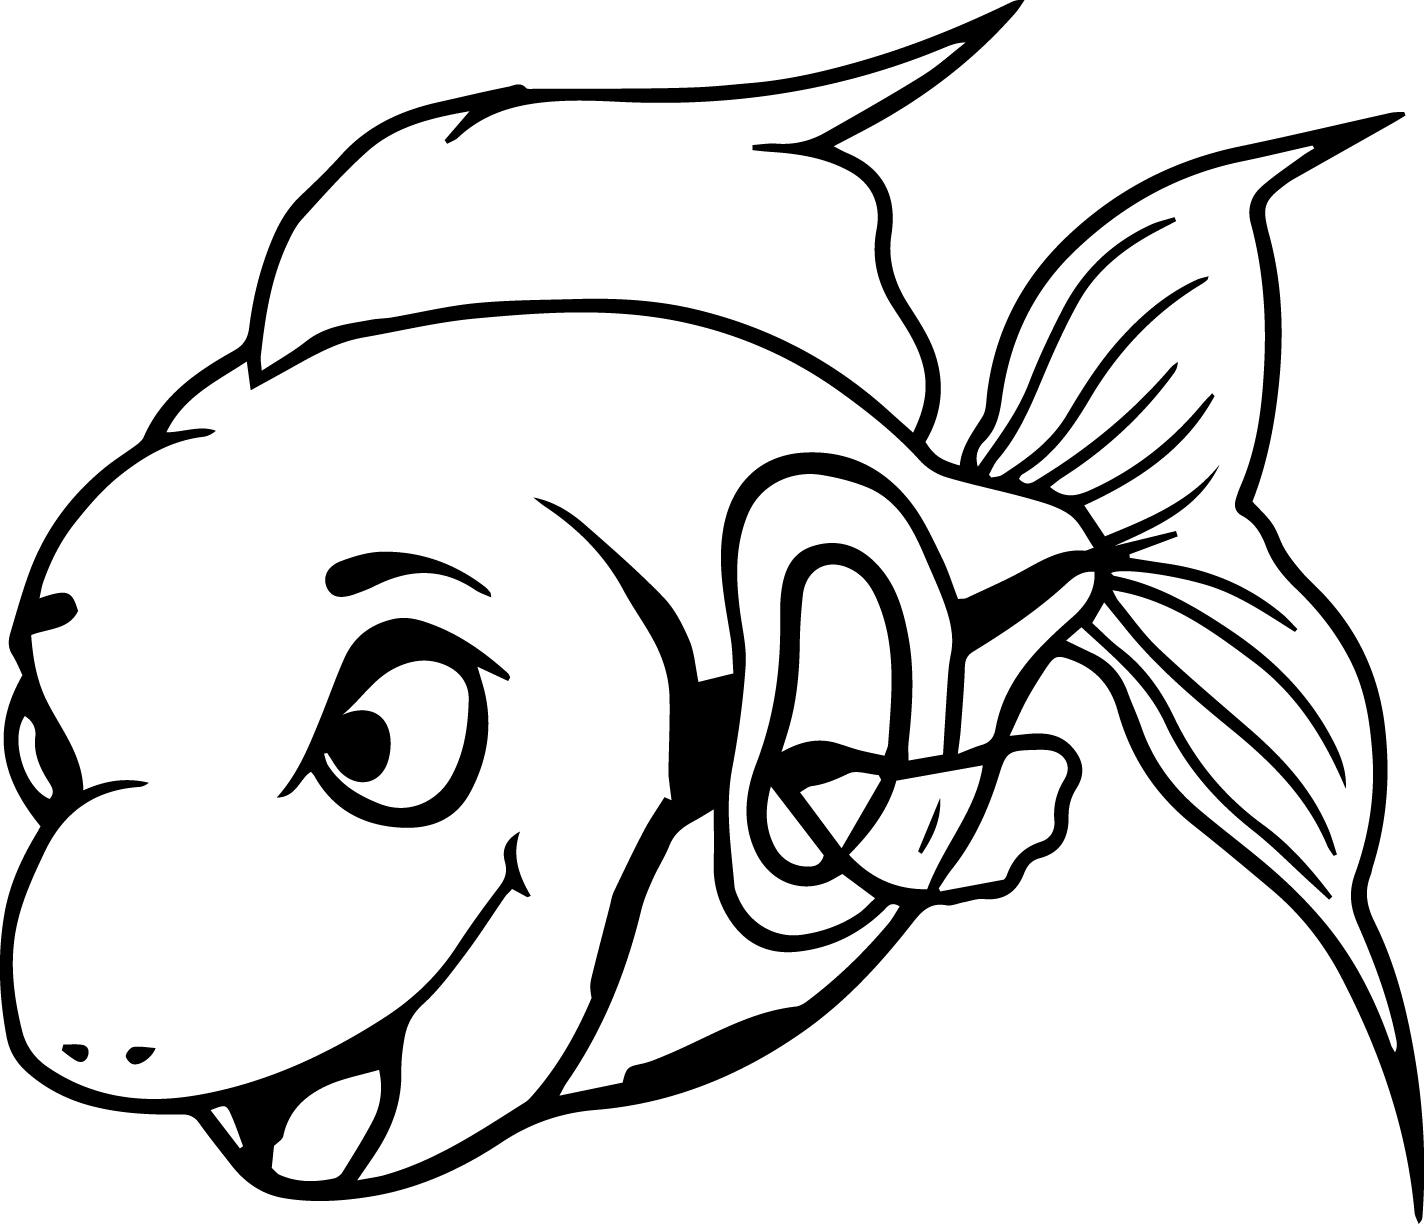 Cartoon Good Fish Sheet Coloring Page